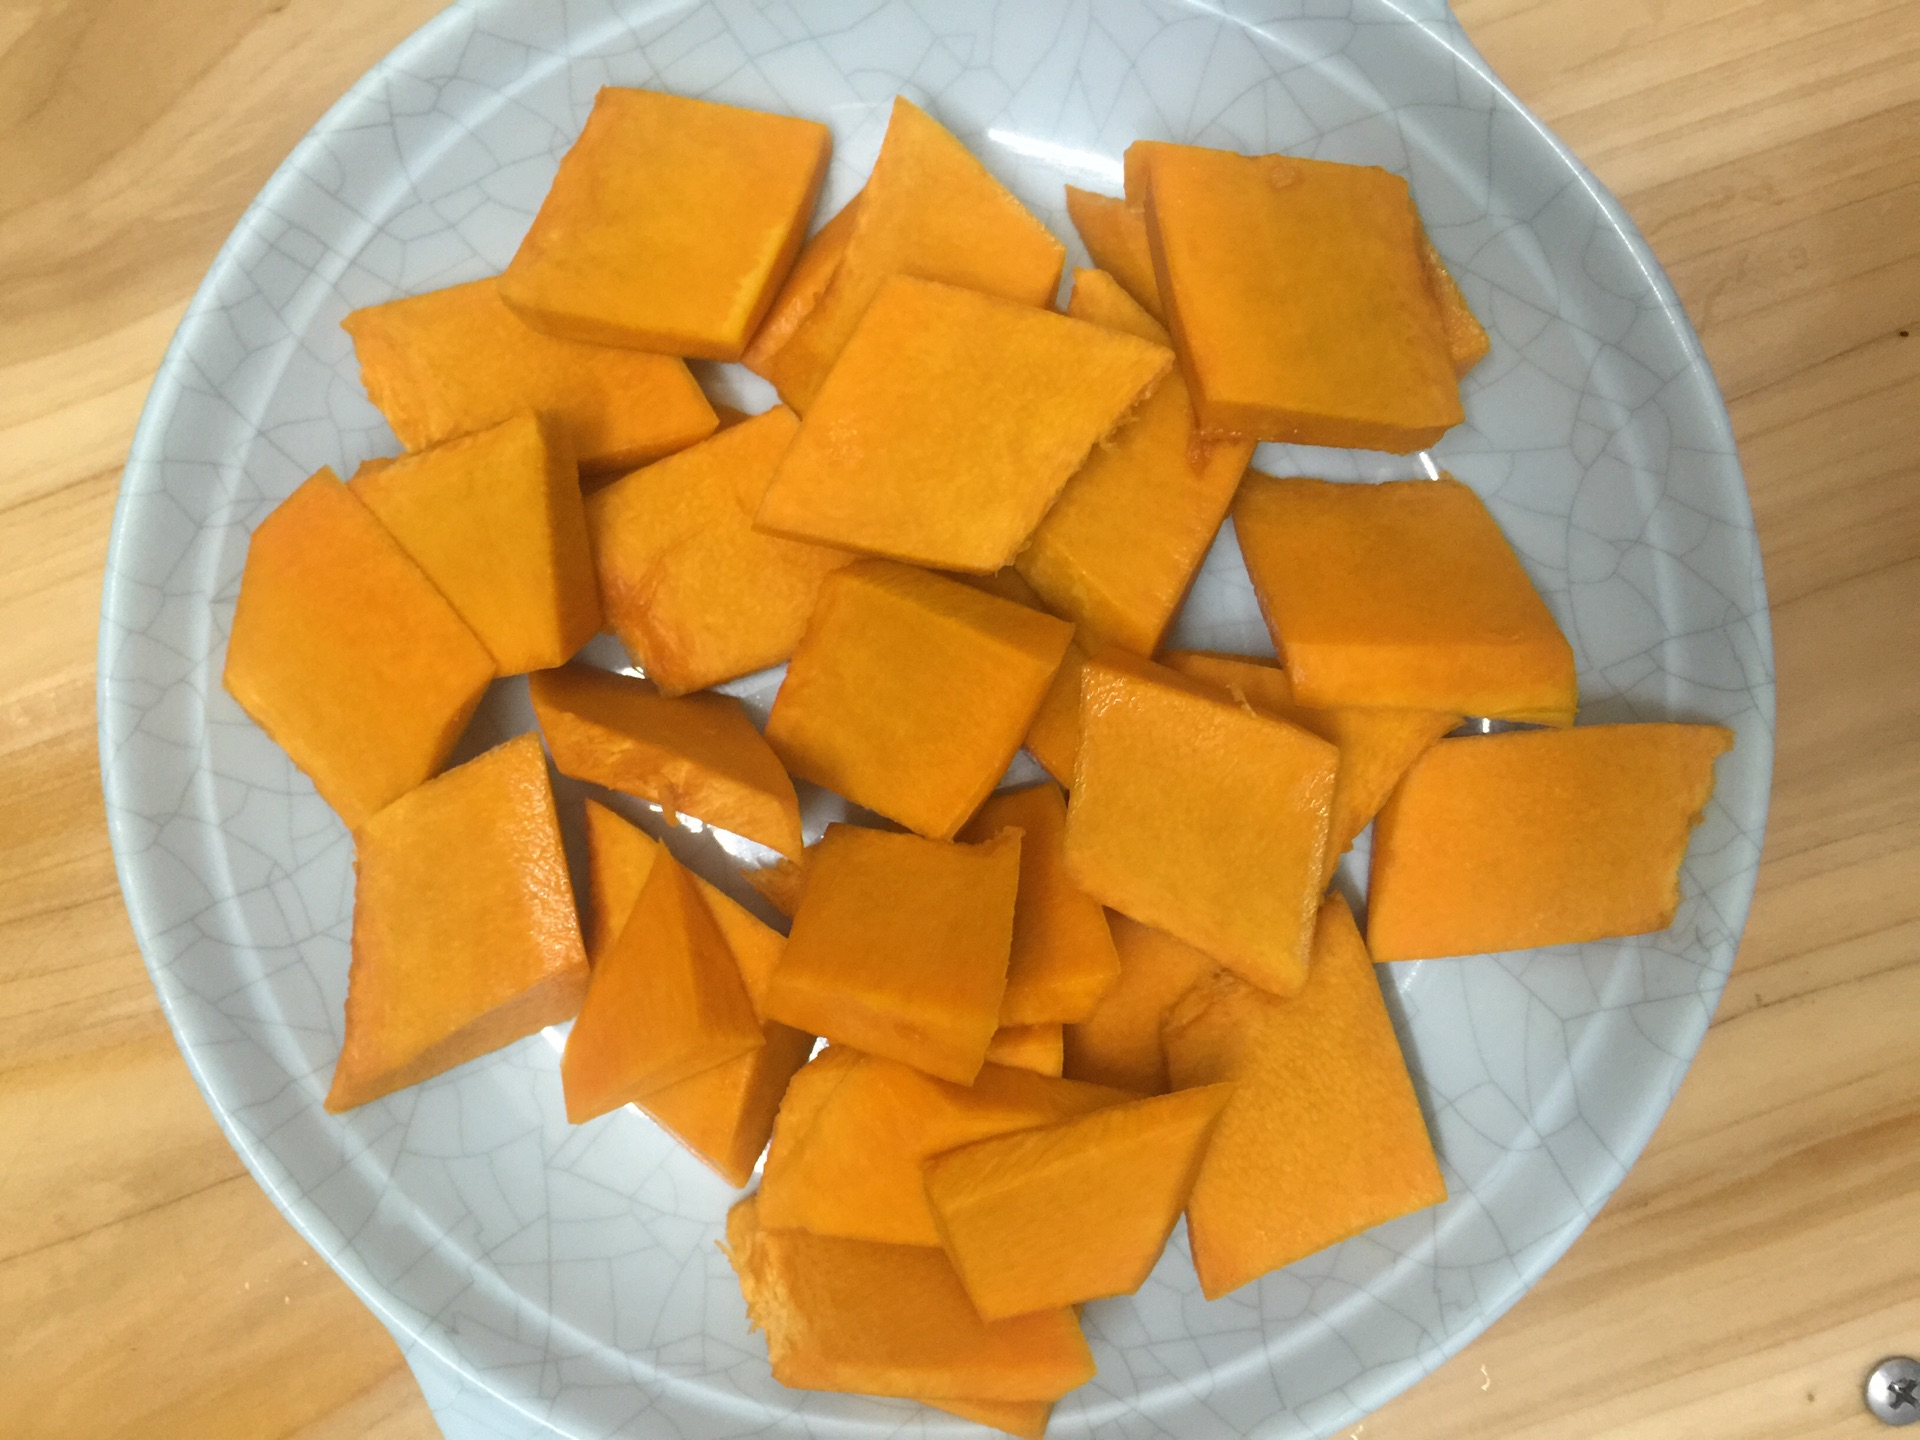 咸蛋黄焗南瓜的做法图解5